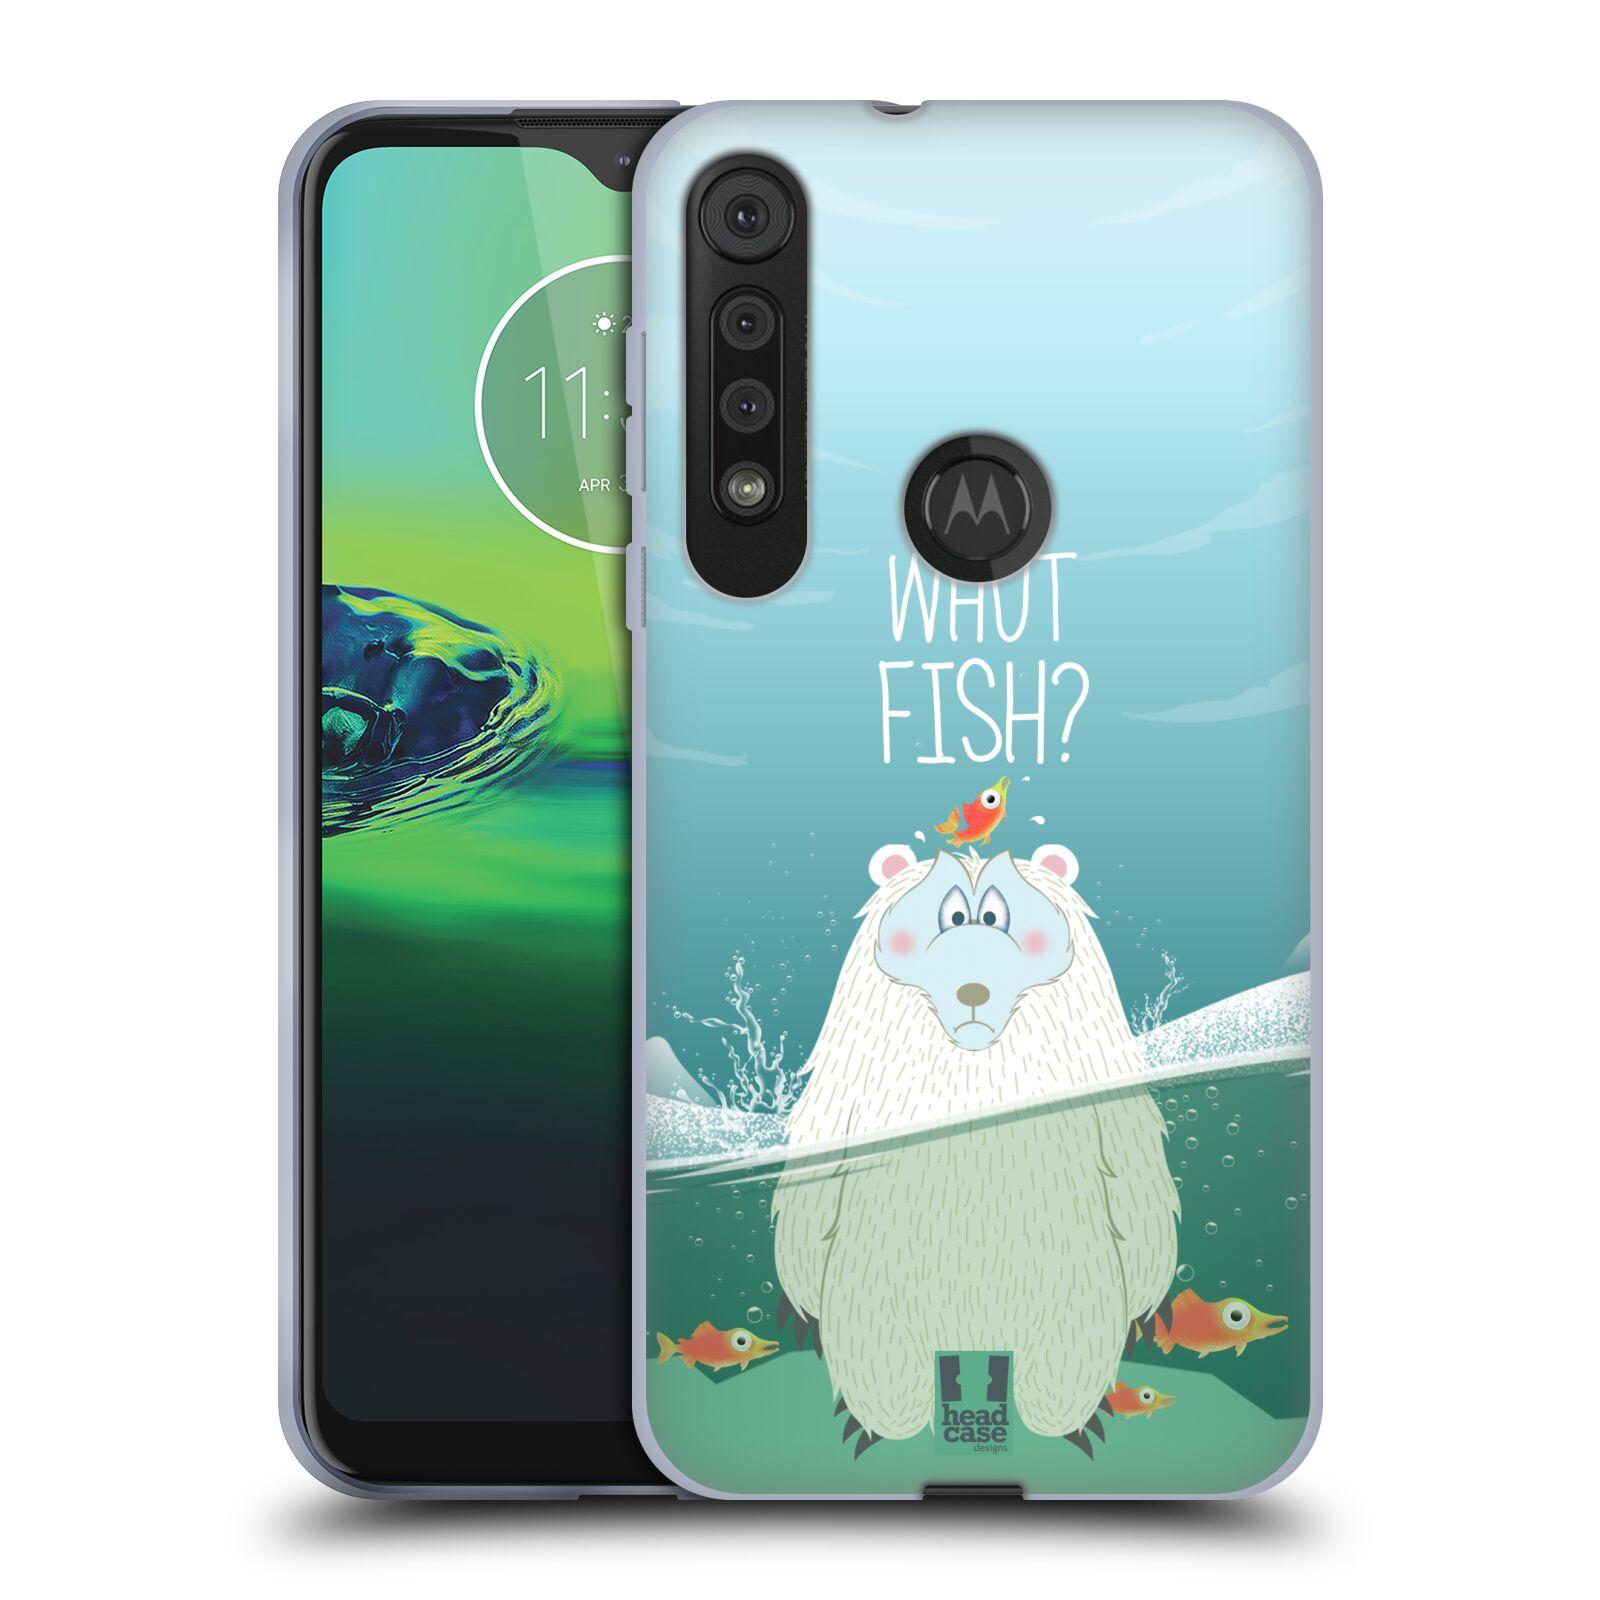 Silikonové pouzdro na mobil Motorola One Macro - Head Case - Medvěd Whut Fish?